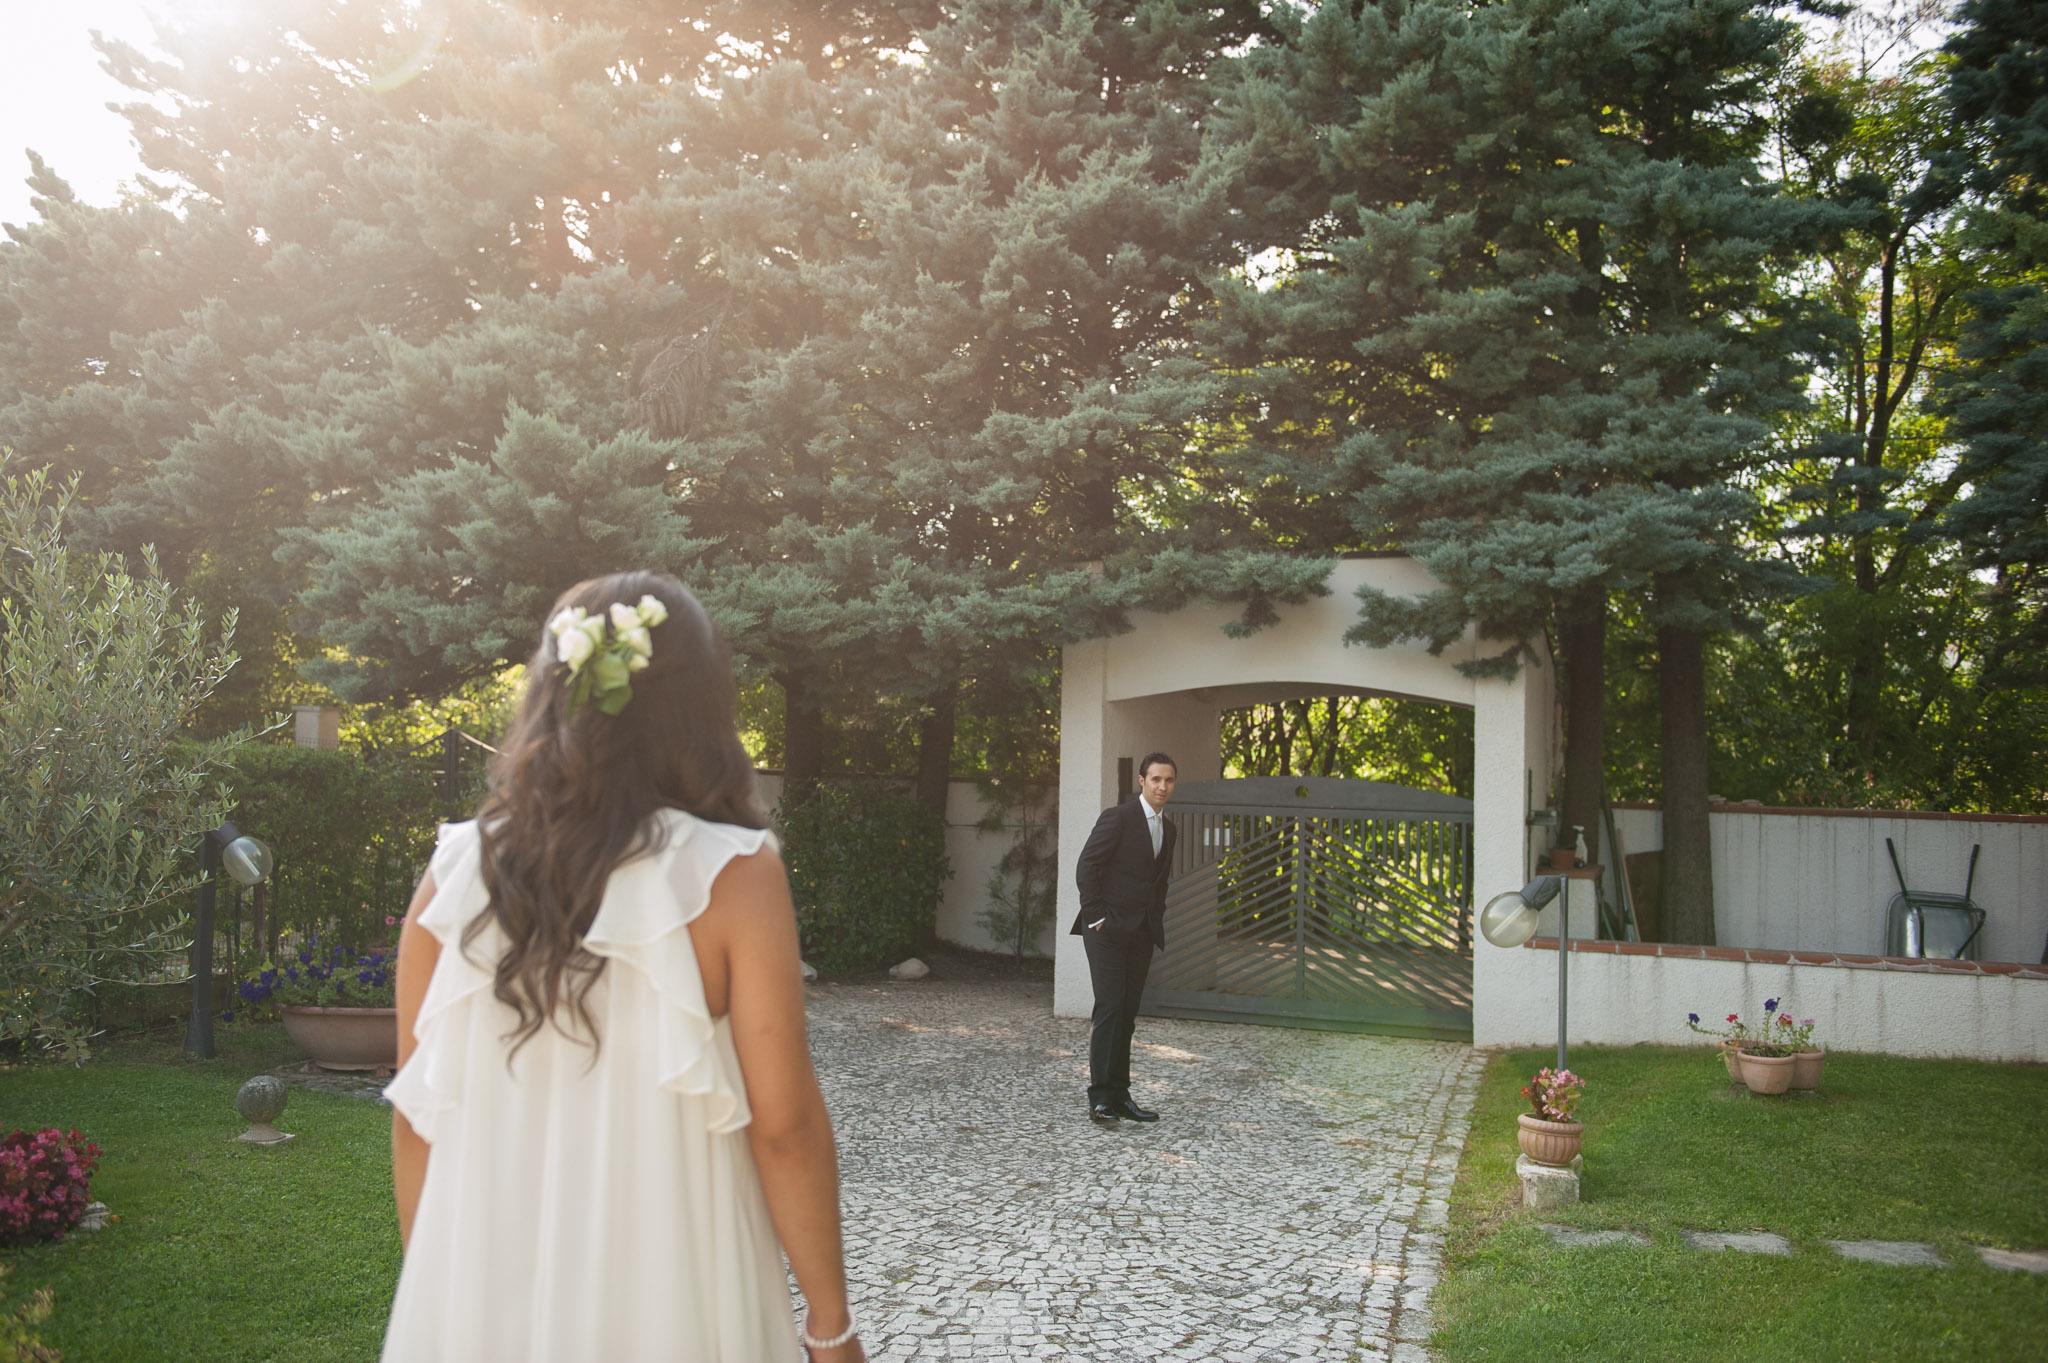 boda en italia_pablosalgado__PSB5835.jpg